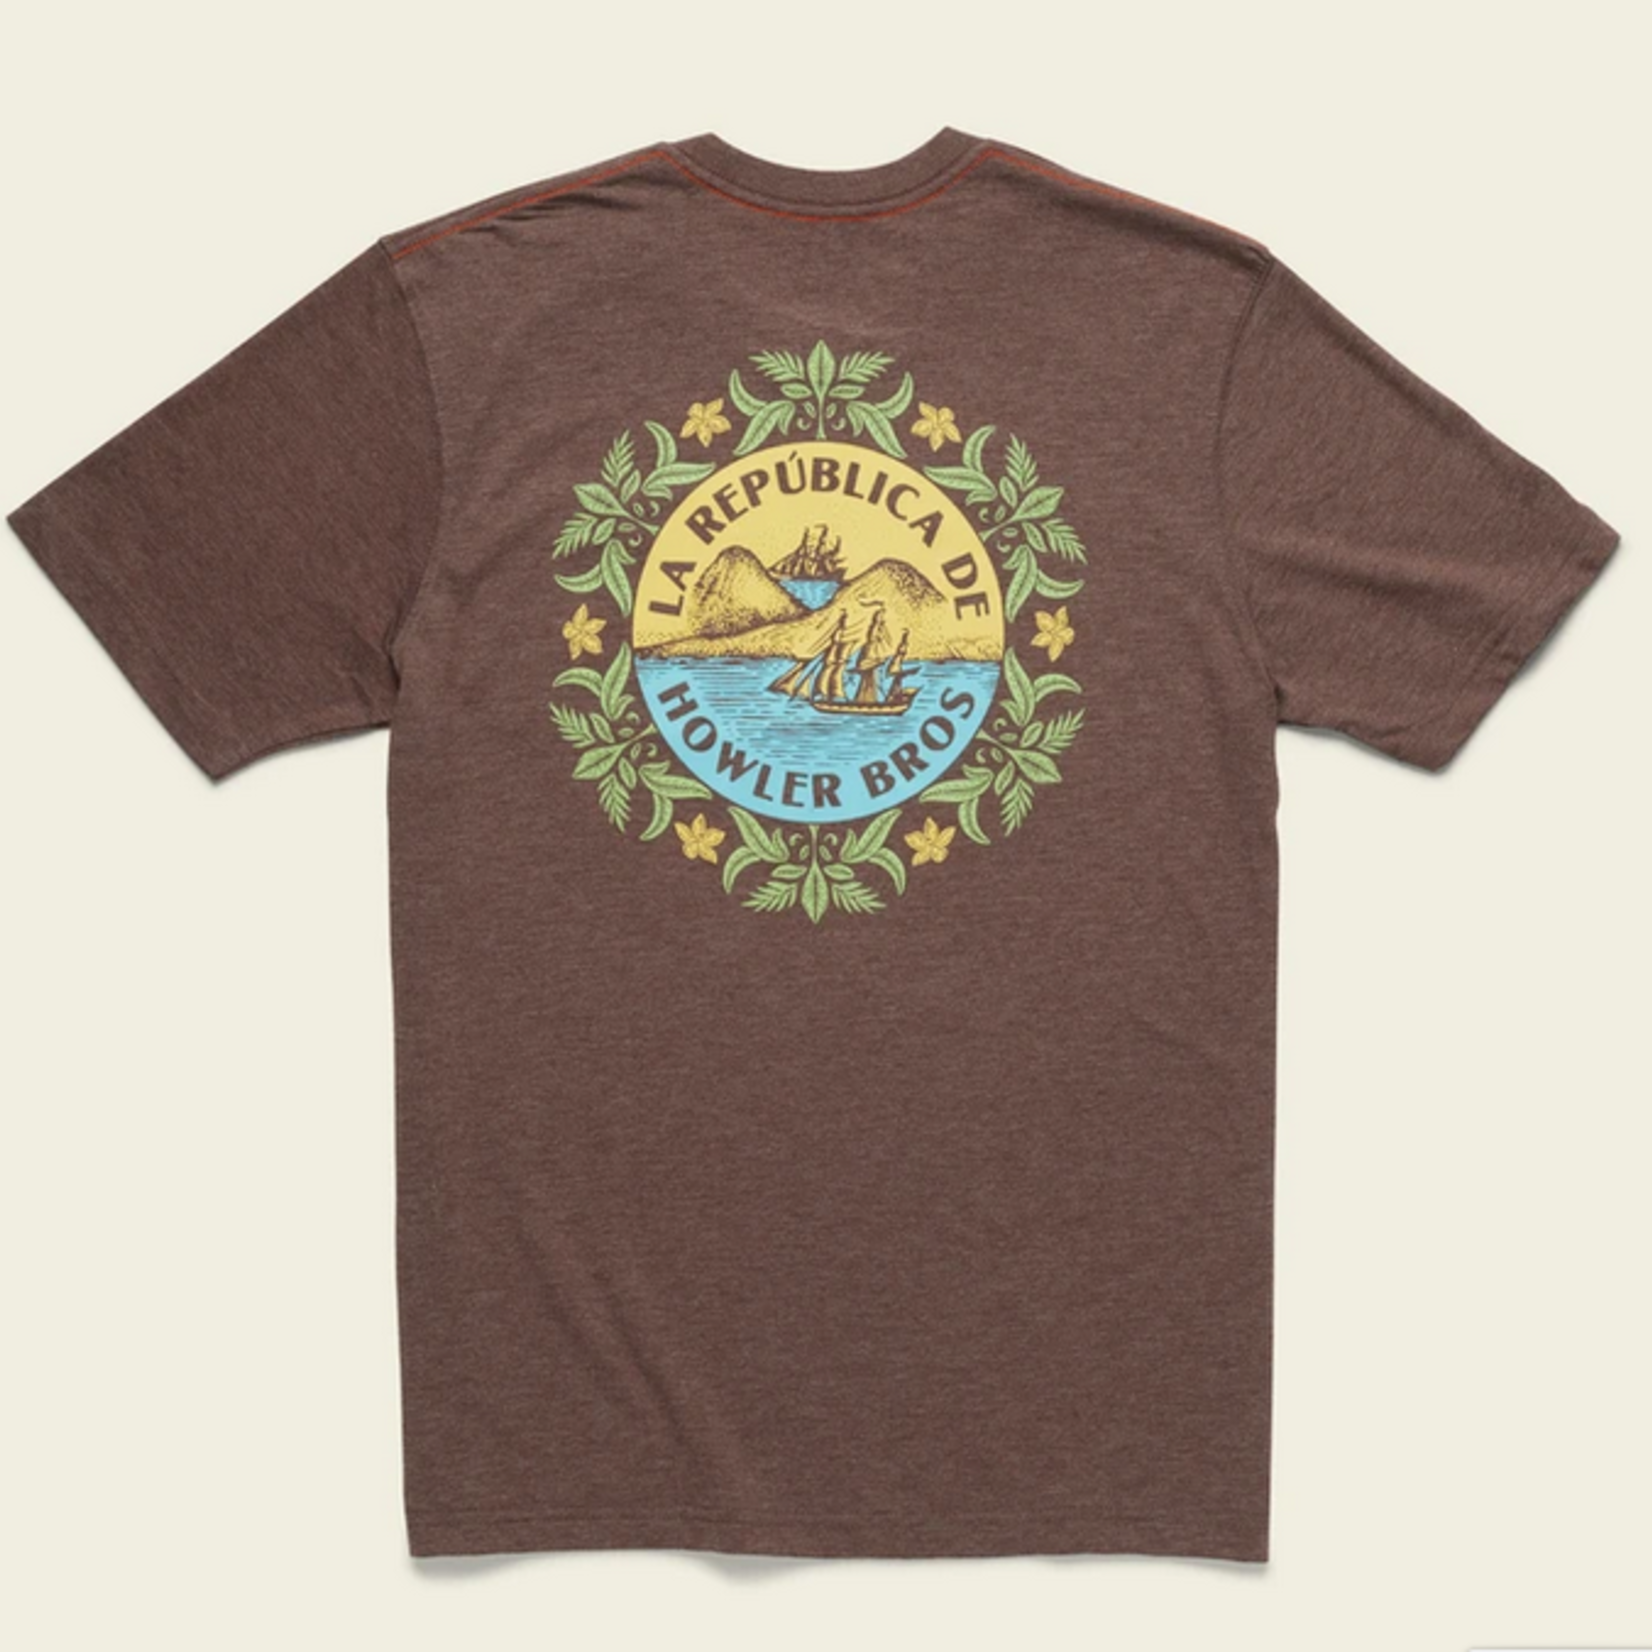 Howler Bros La Republica T-Shirt